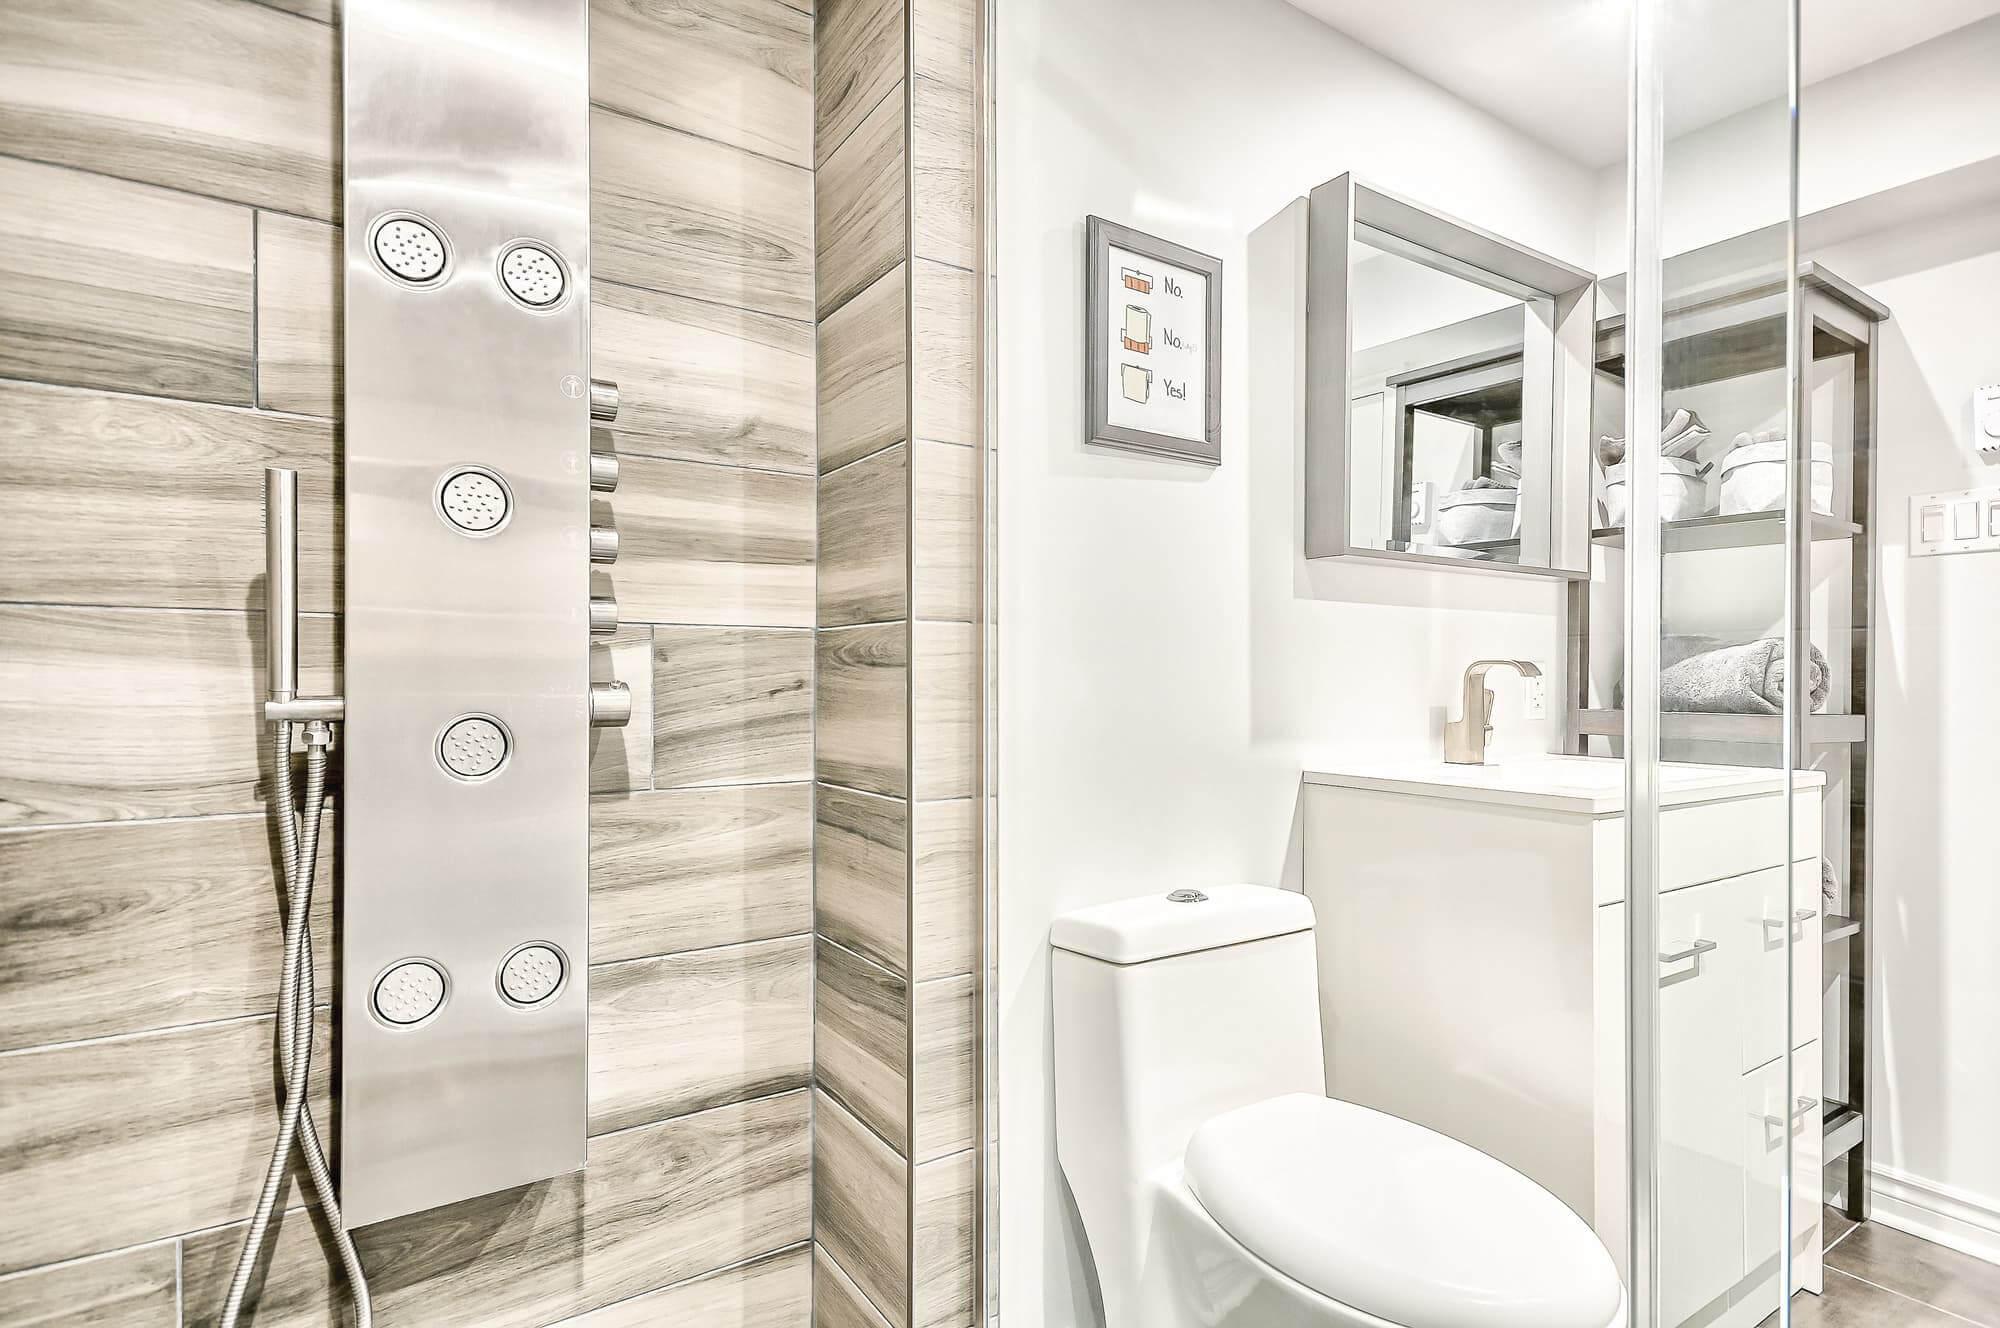 salle de bain moderne au sous-sol